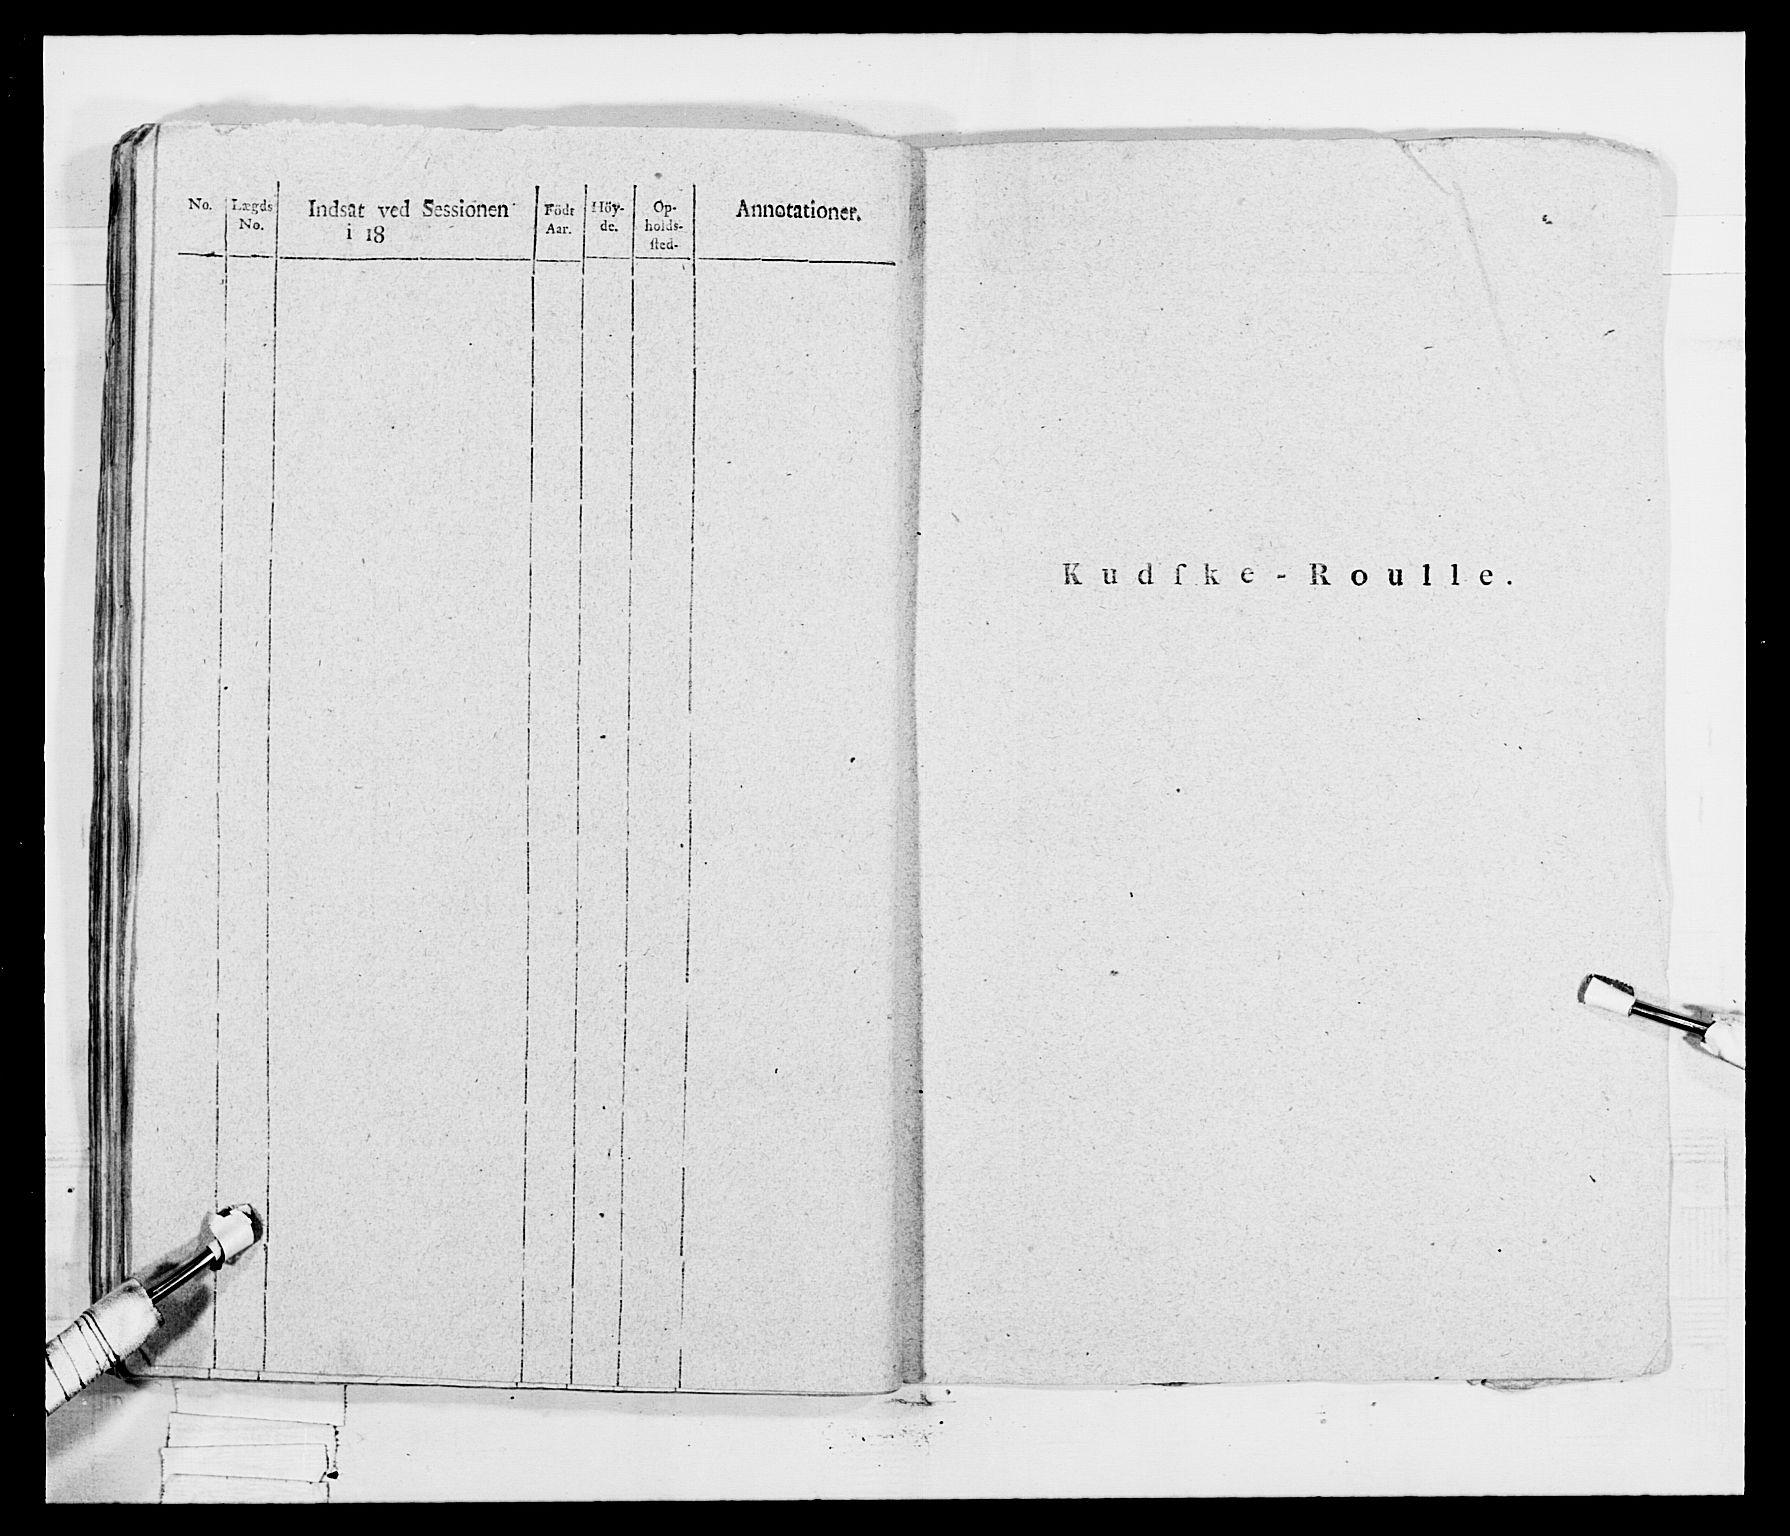 RA, Generalitets- og kommissariatskollegiet, Det kongelige norske kommissariatskollegium, E/Eh/L0047: 2. Akershusiske nasjonale infanteriregiment, 1791-1810, s. 456